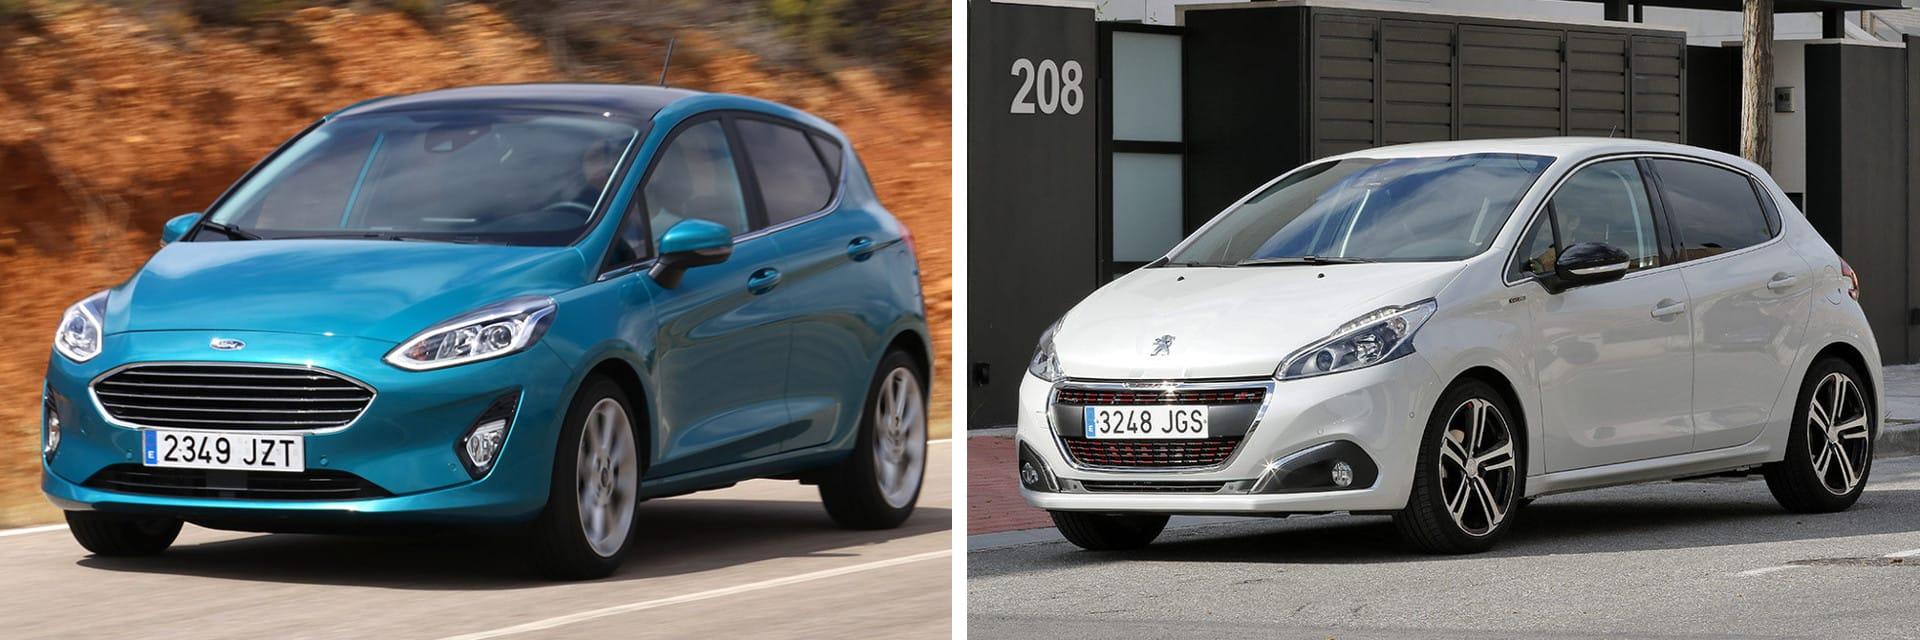 Los dos coches cuentan con una caja de cambios manual. La del Ford es de seis velocidades y la del Peugeot, de cinco.